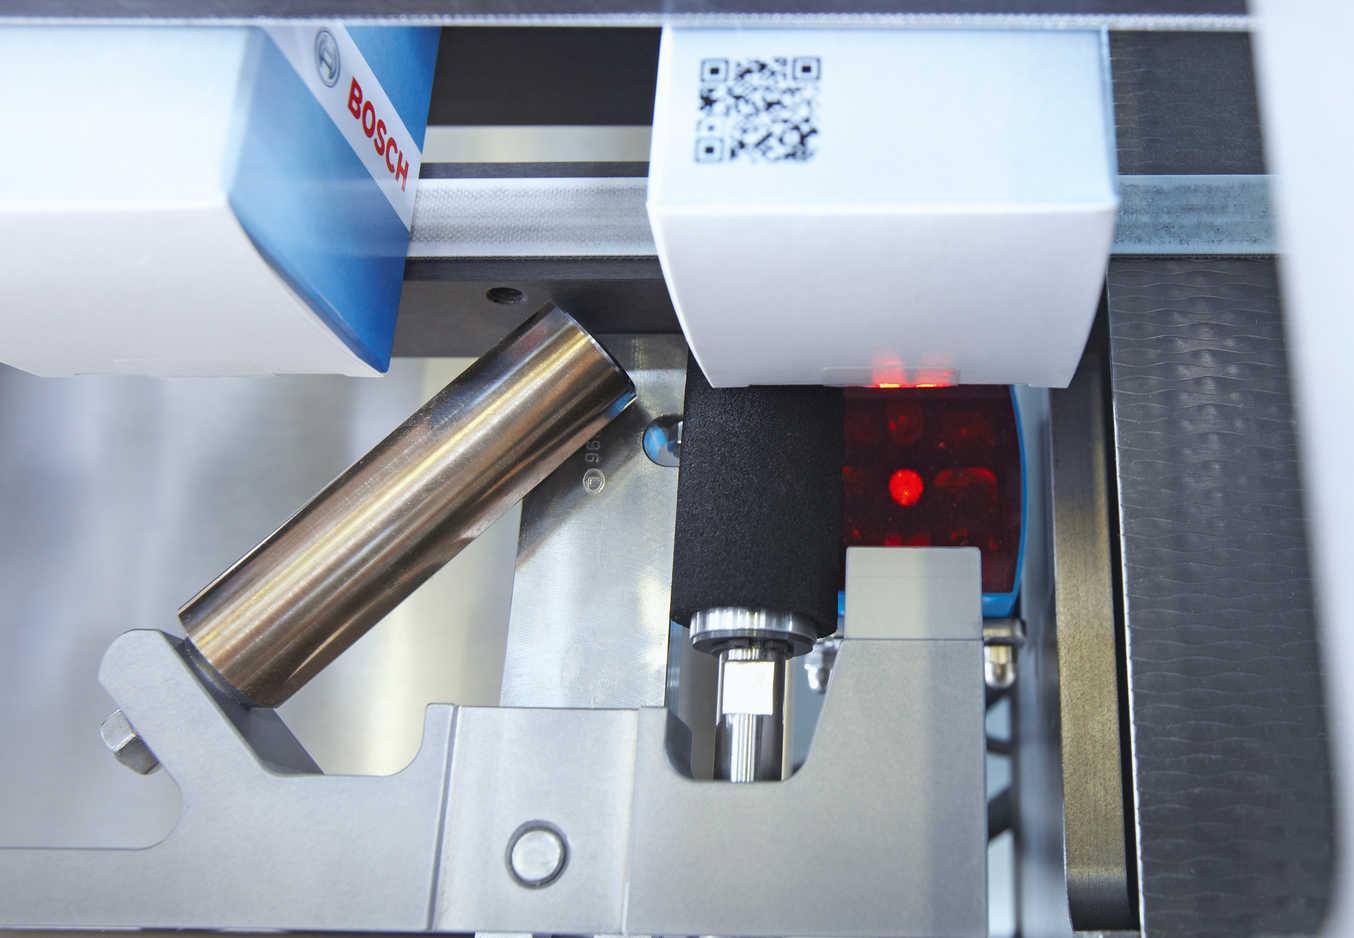 Serialización y protección contra la manipulación de productos farmacéuticos